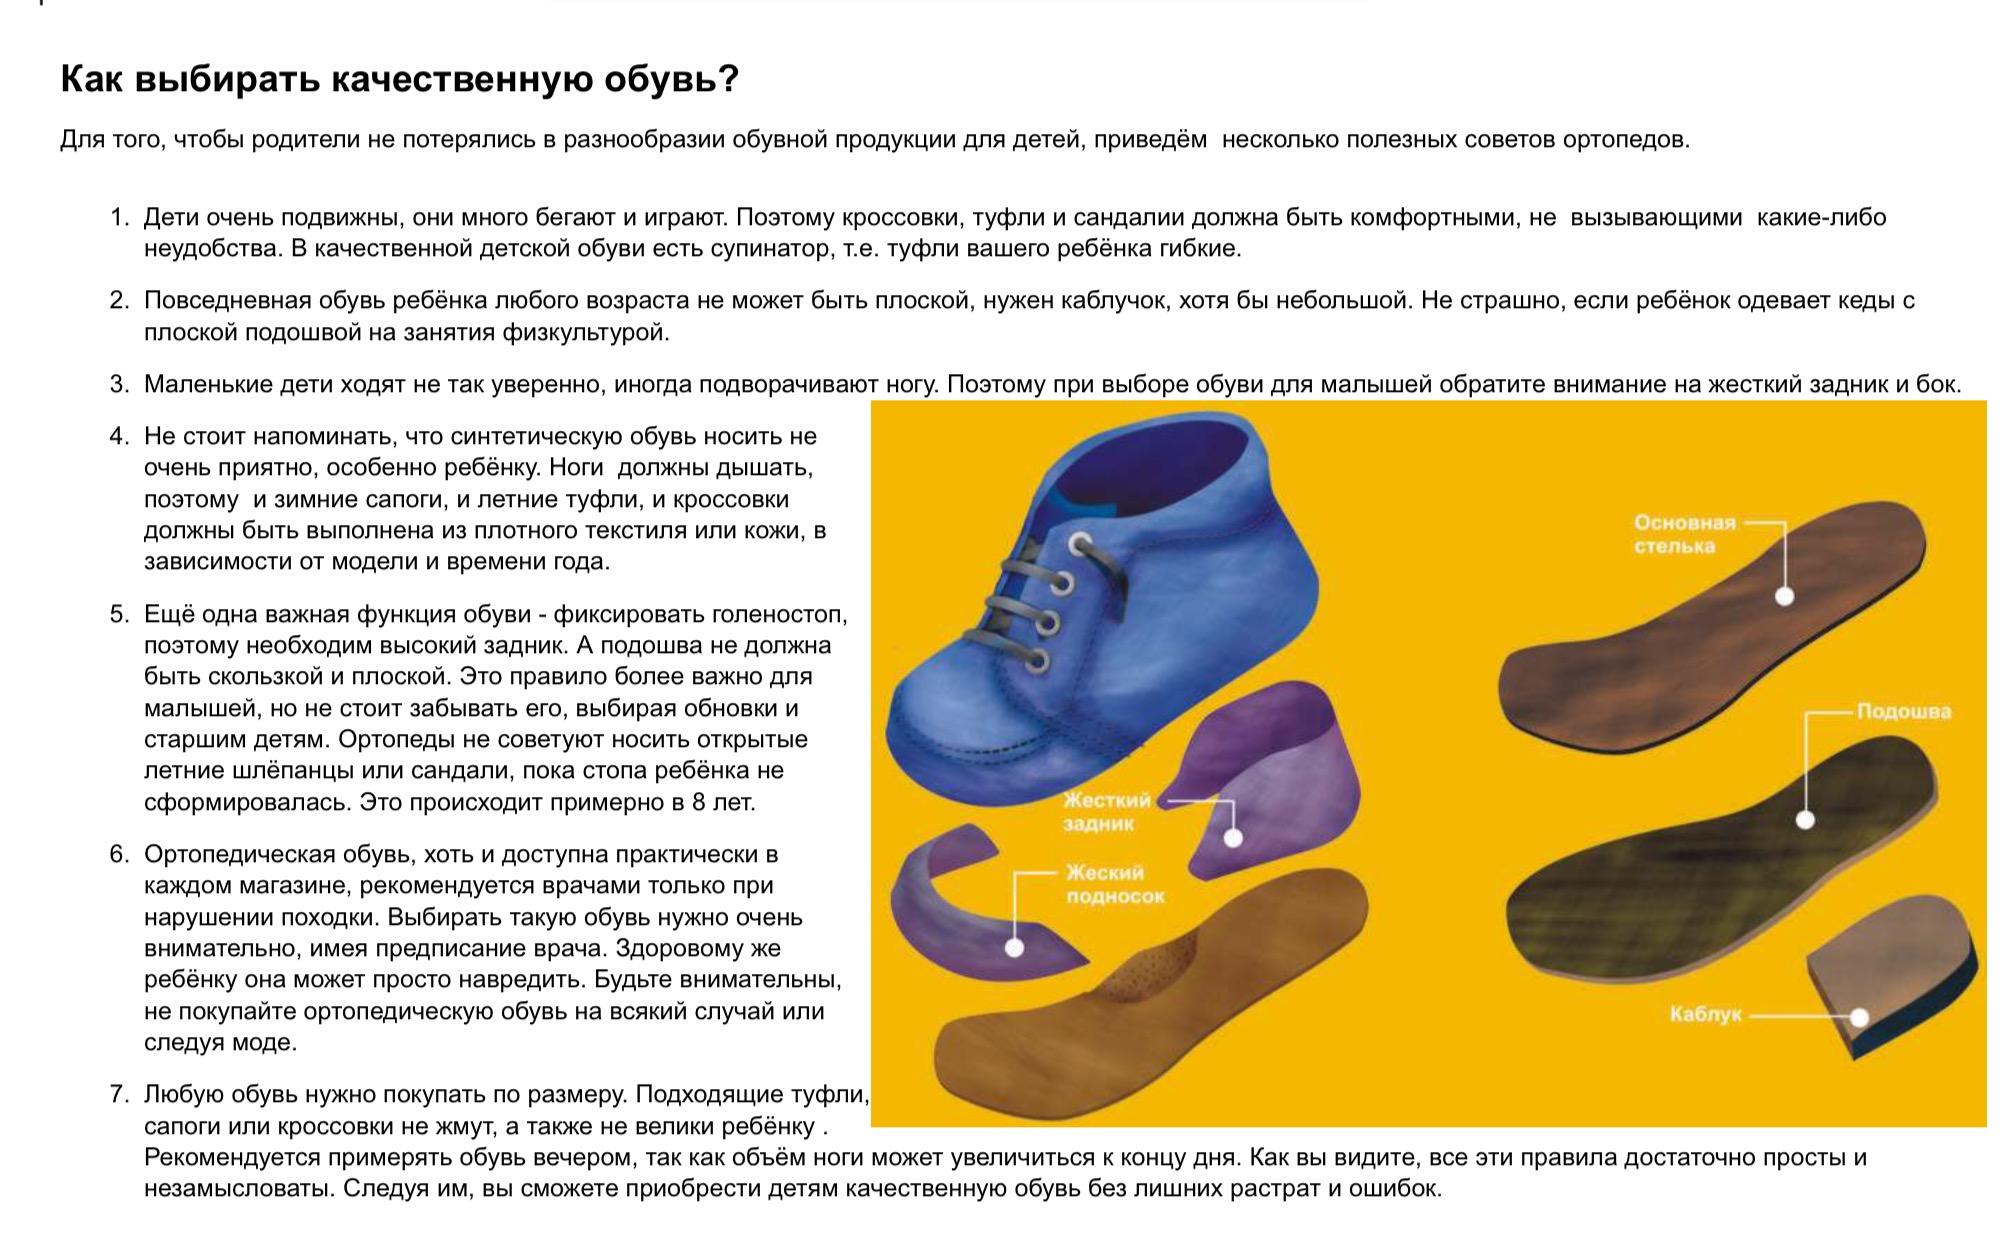 Фрагмент статьи о детской обуви